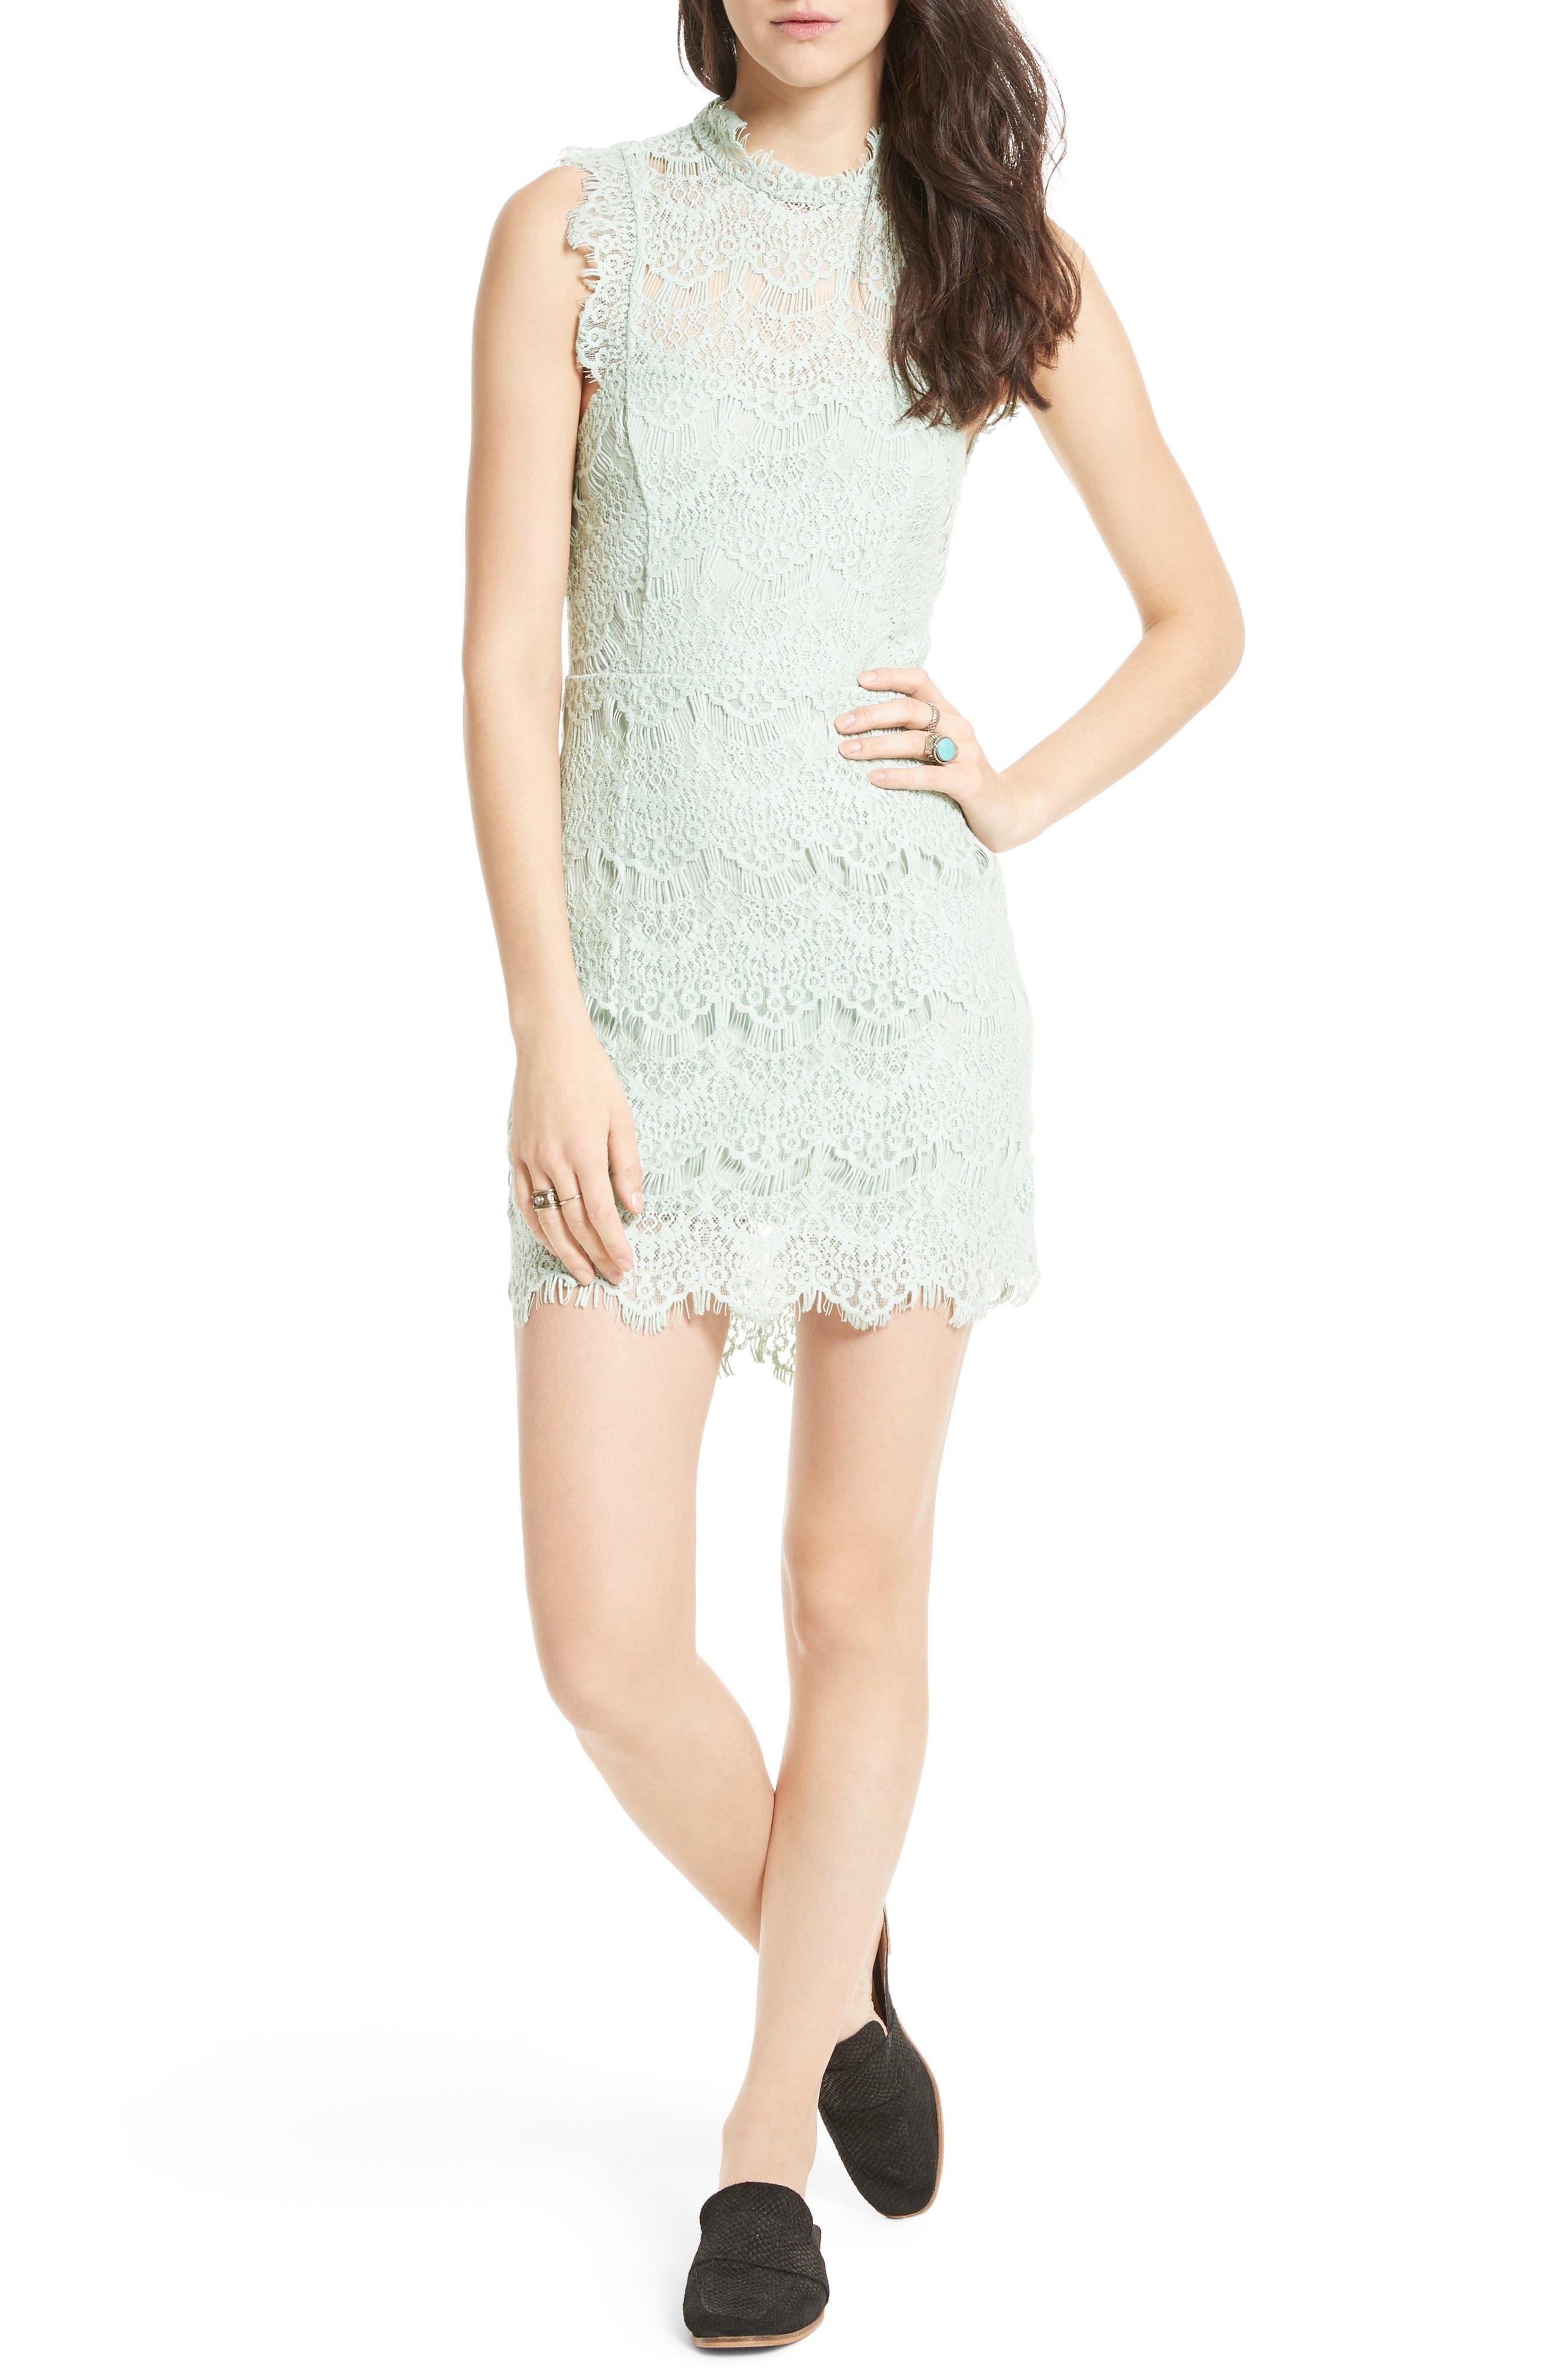 Free People Daydream Lace Minidress